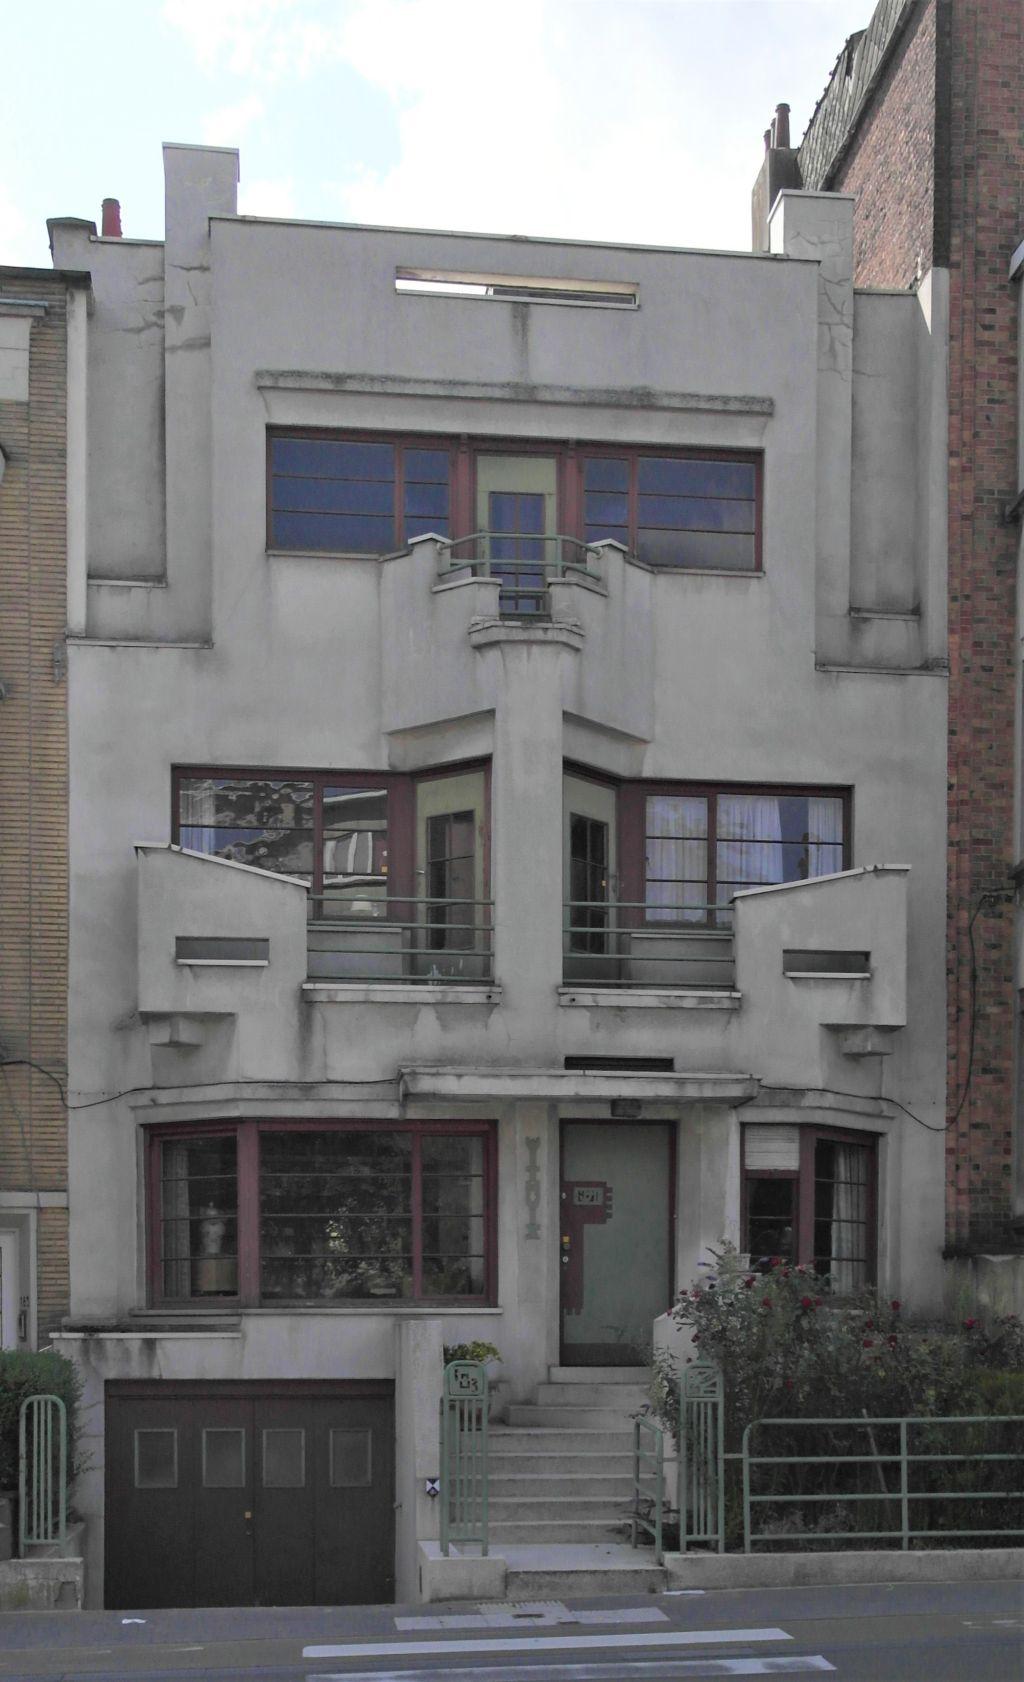 Charles Woestelaan 183, het Withuis of woning van de schrijver-dichter Jef Mennekens, 2019